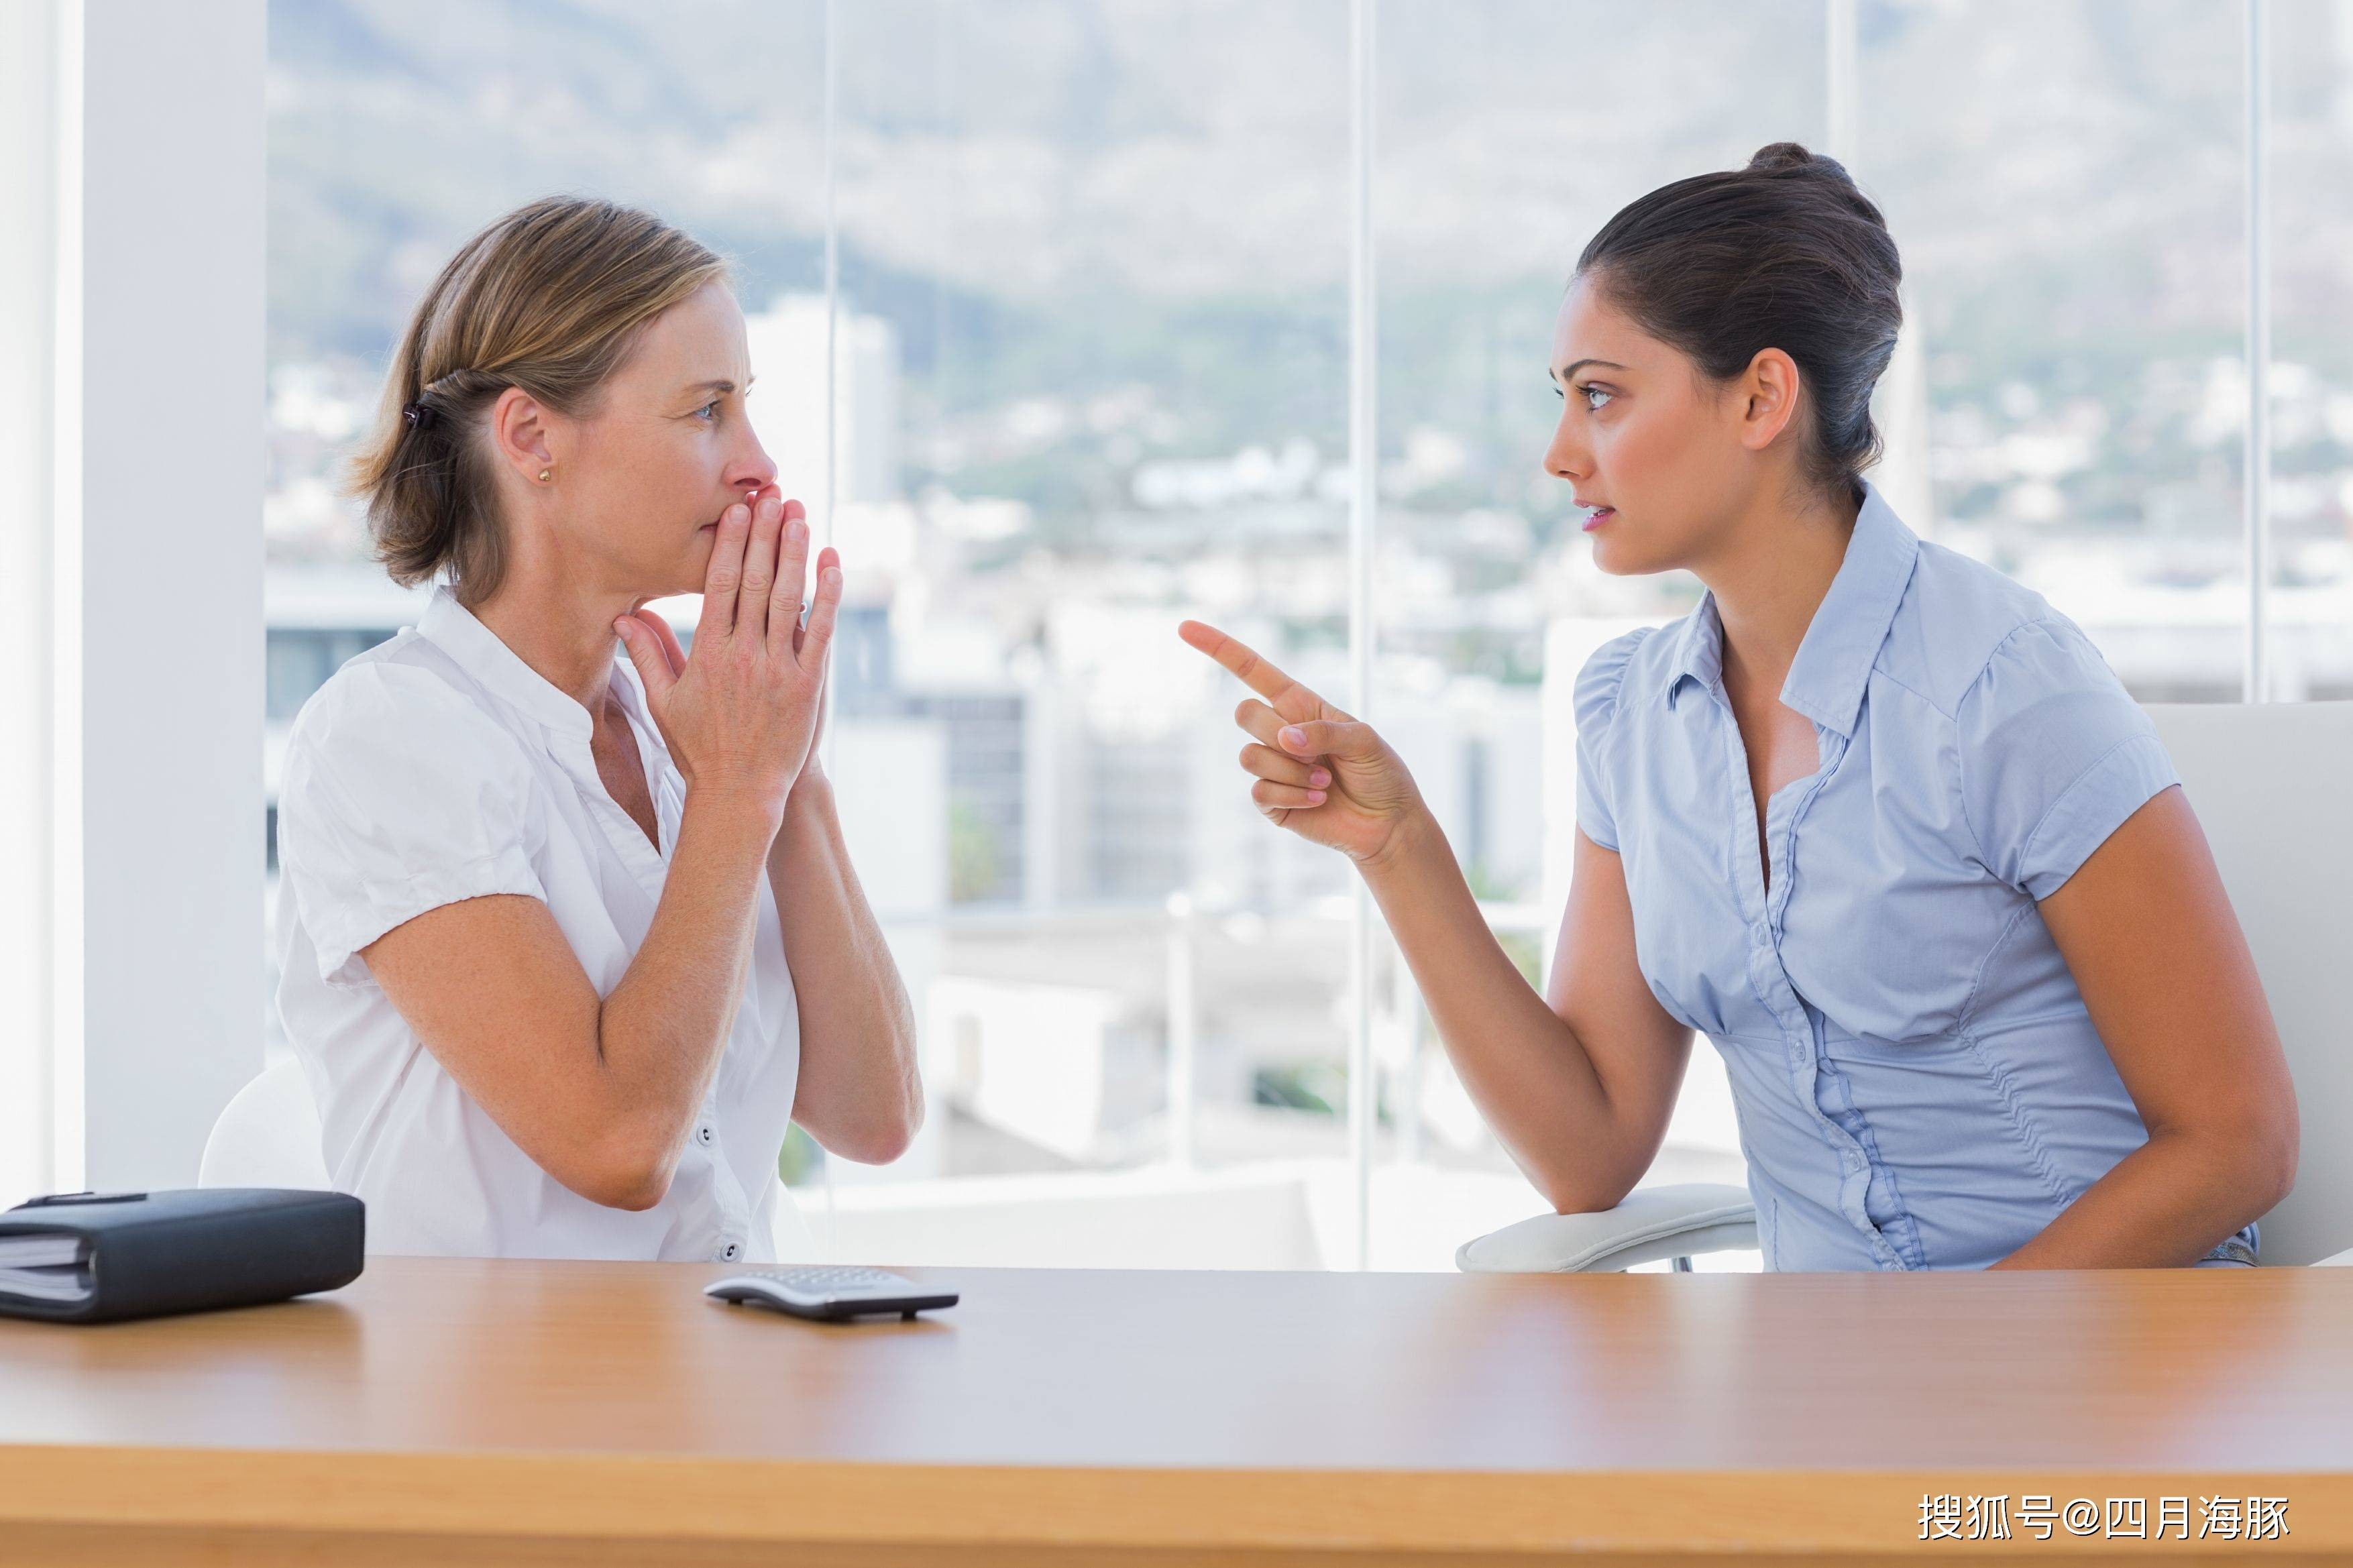 感觉自己工作能力比同事差 工作能力差被同事嘲笑